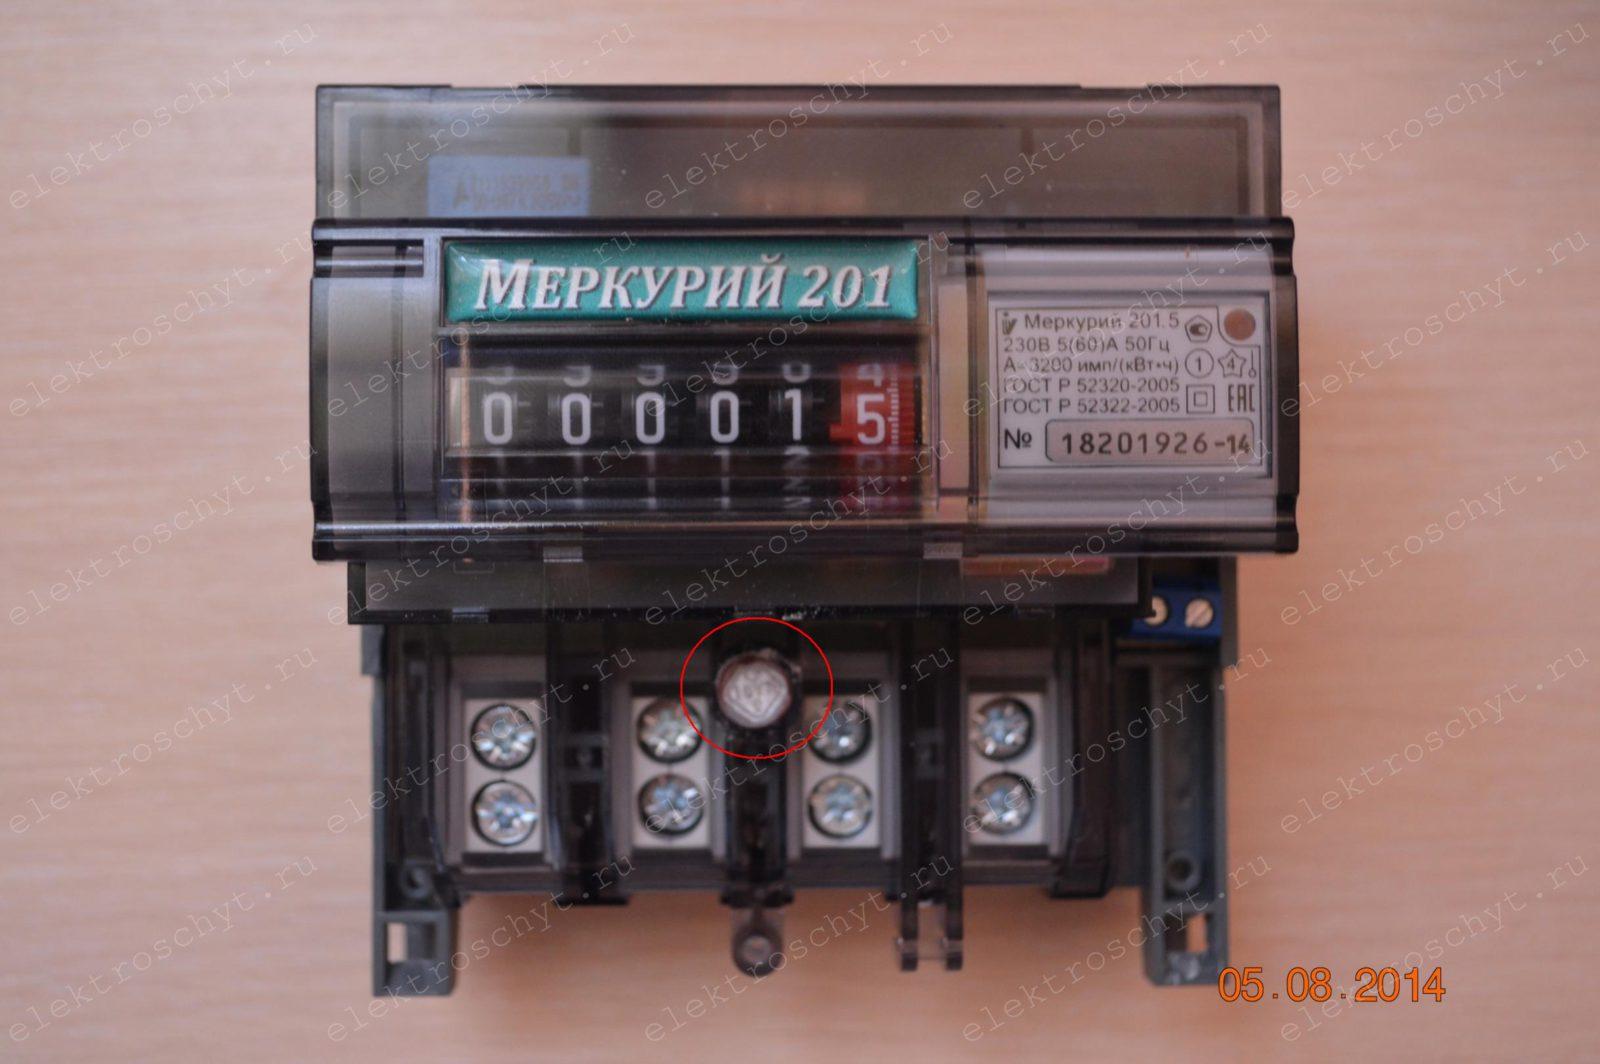 Клеймо госповерки счетчик меркурий 201